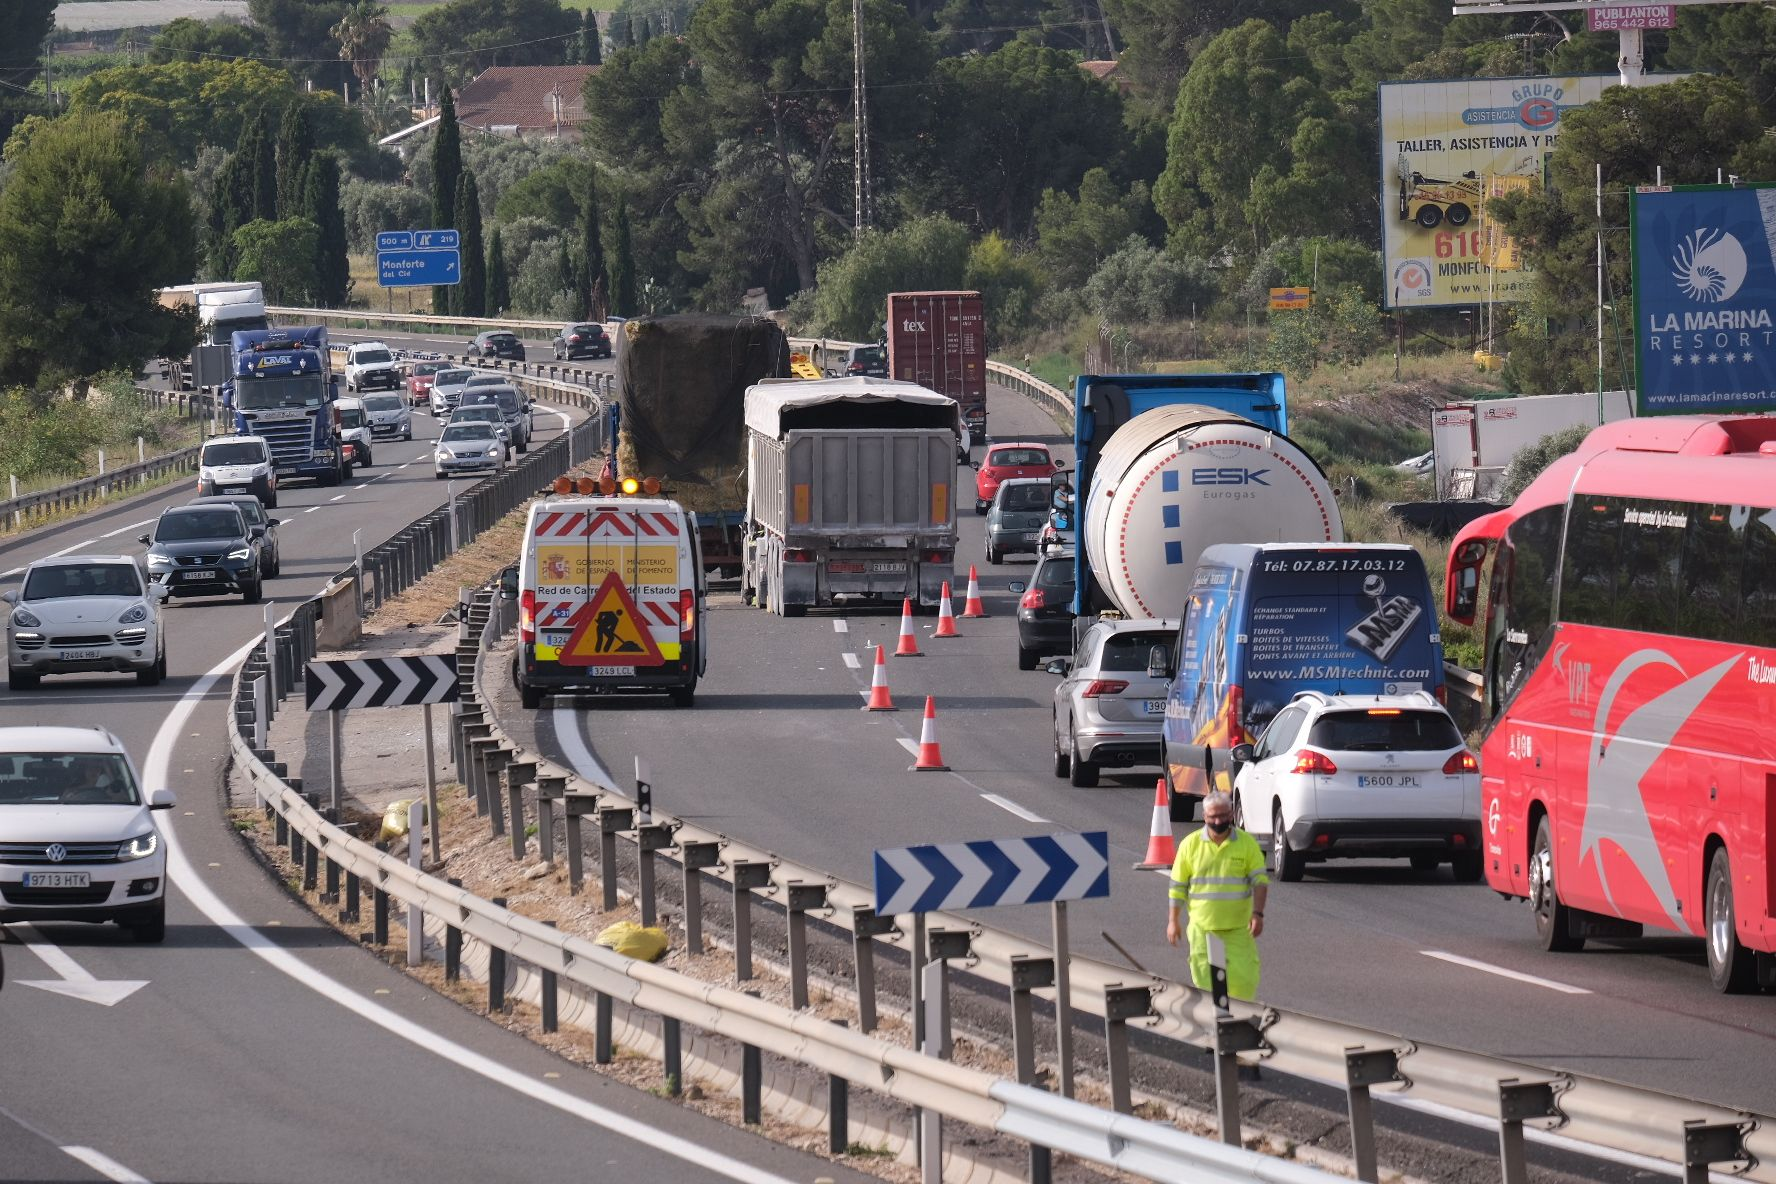 Un accidente en la A-31 provoca largas colas en la autovía